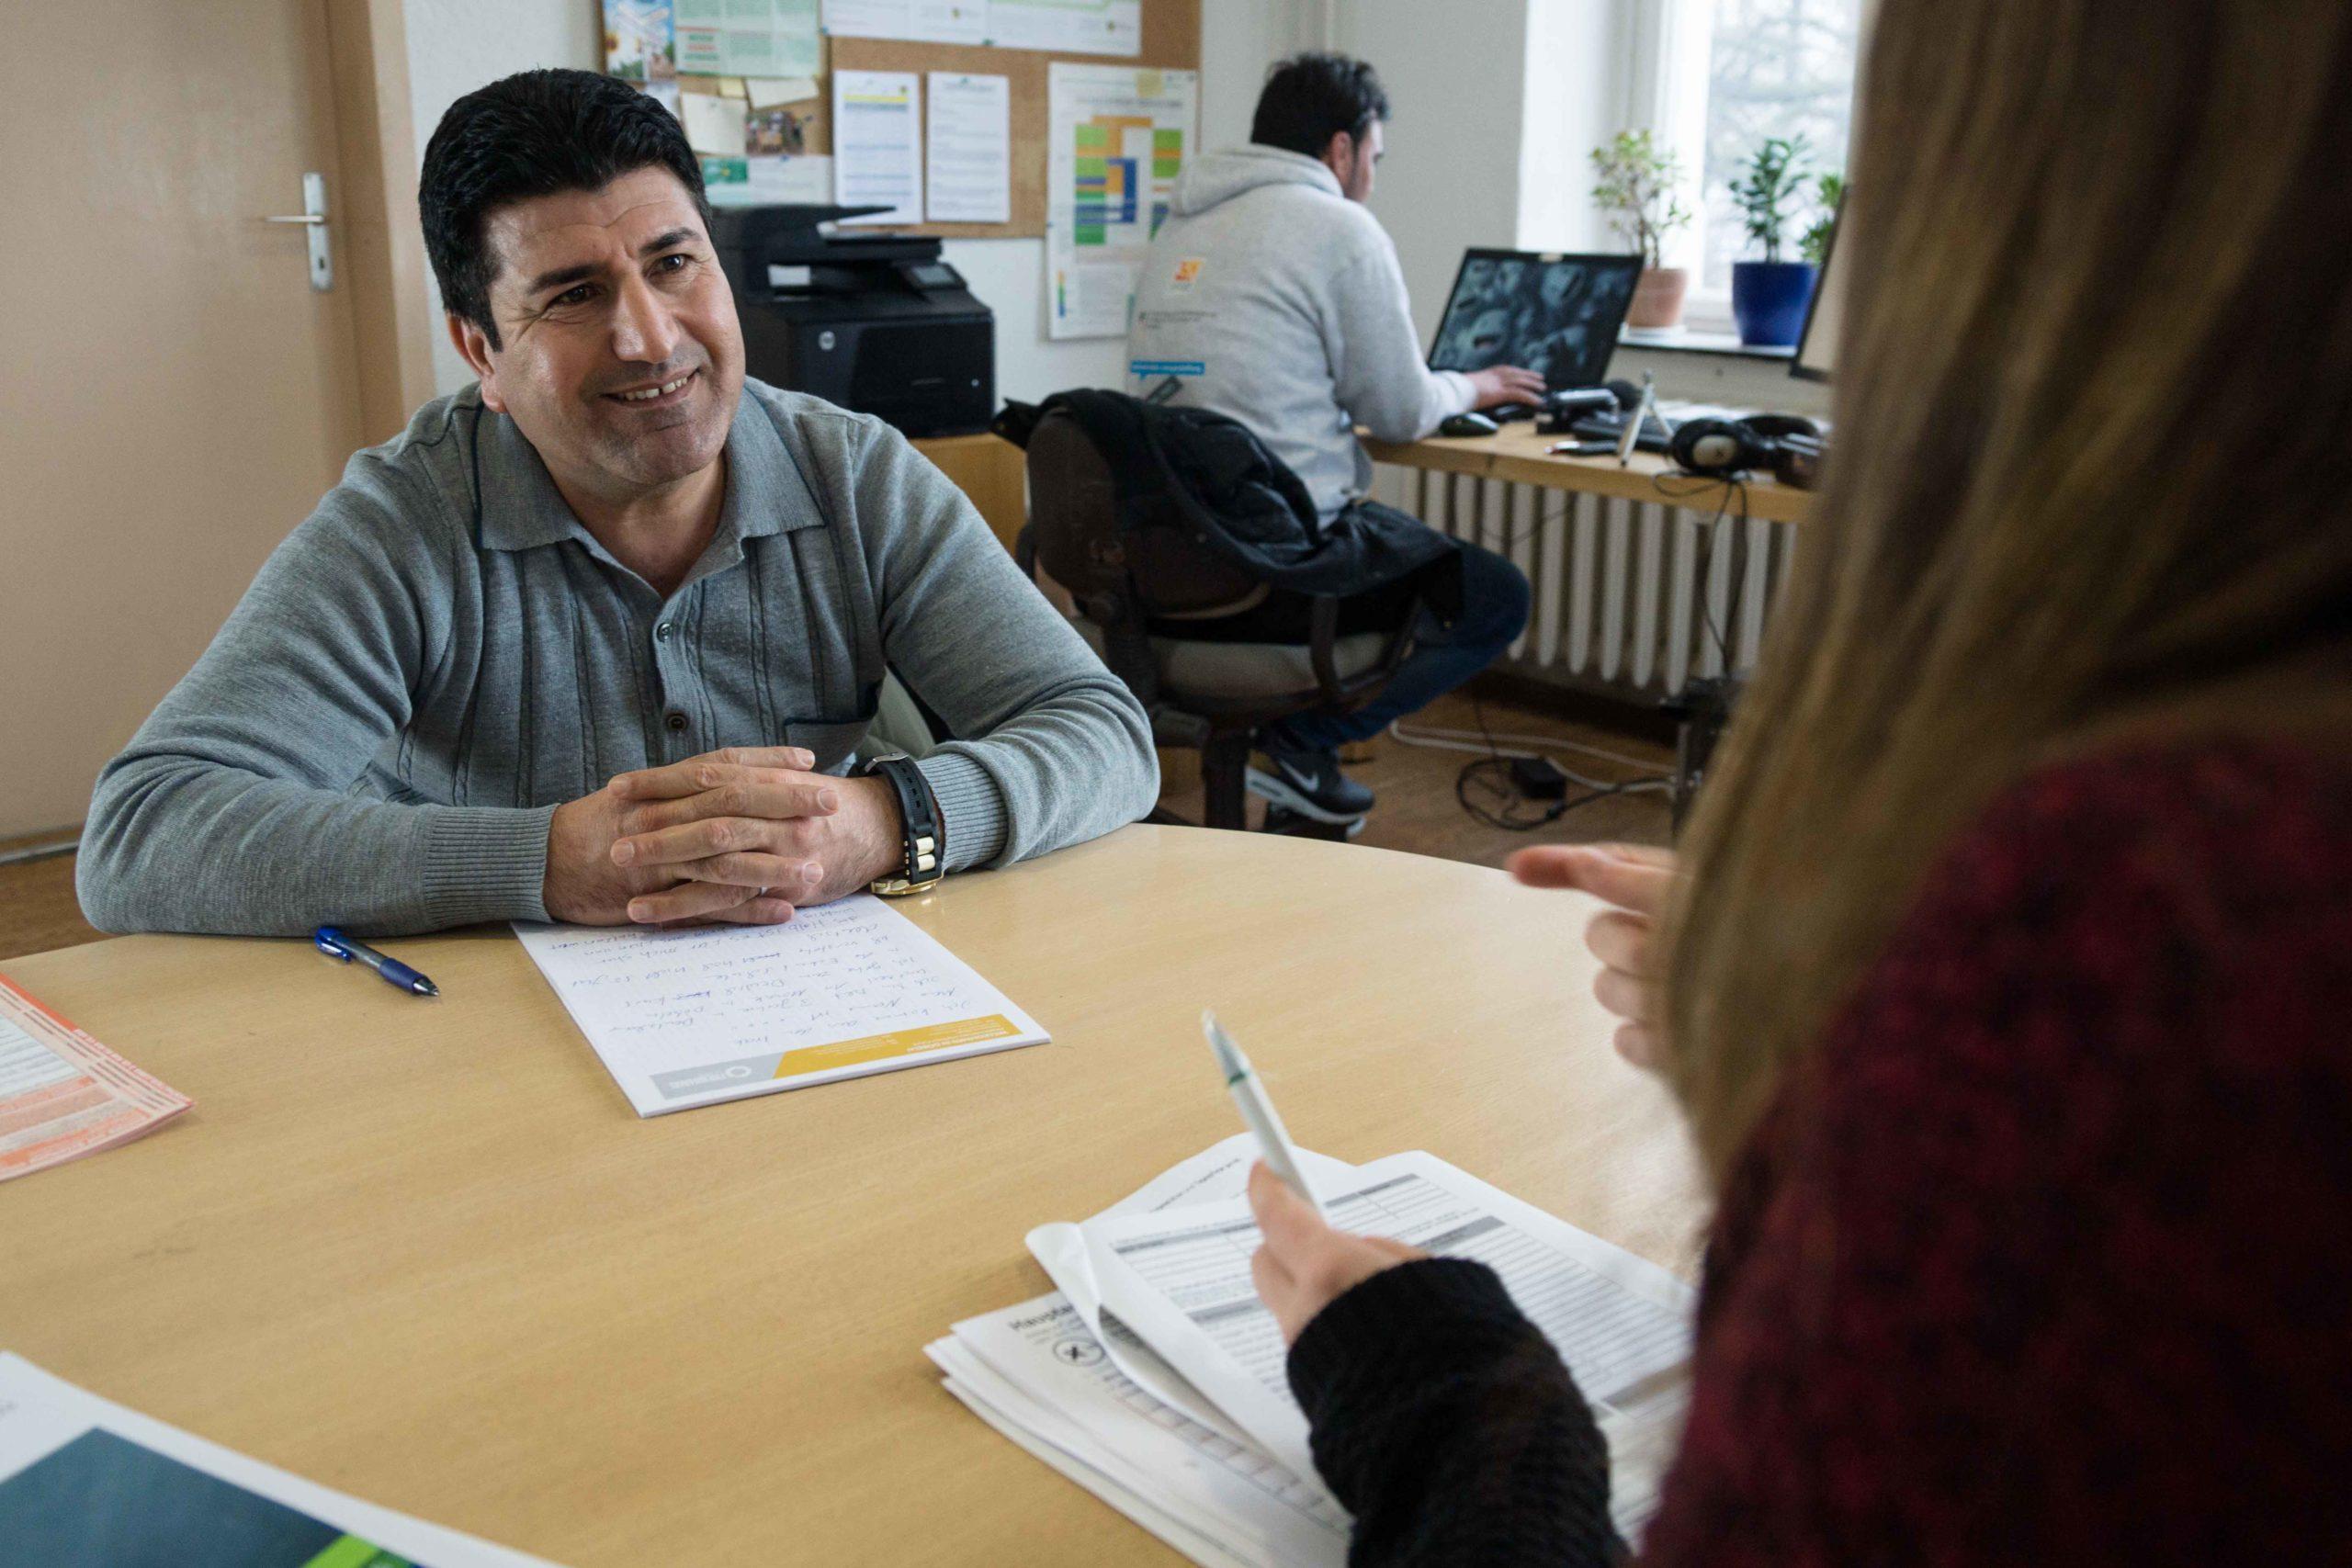 Eine Ehrenamtliche berät einen Mann beim Ausfüllen von Formularen. Im Hintergrund ein weiterer Mann an einem Computer sitzend.